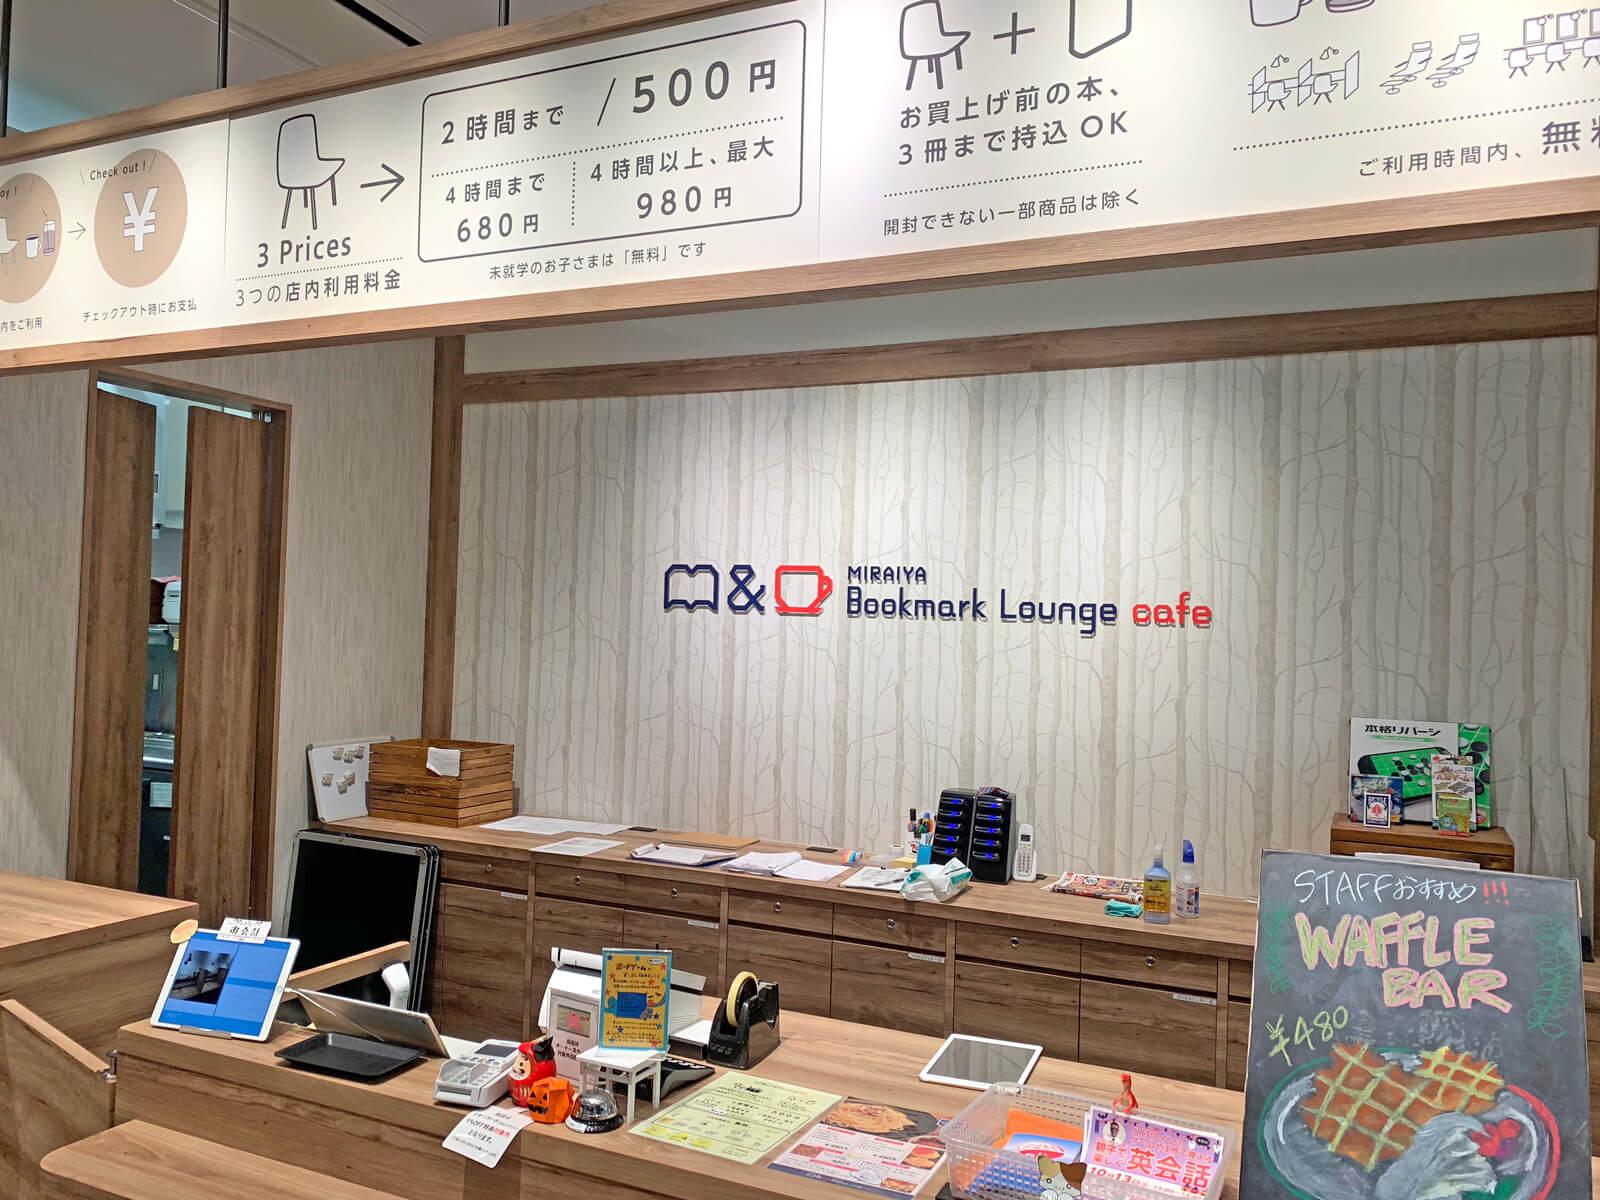 高崎駅近く!電源・Wi-Fiありでコーヒー飲み放題!ノマドワークが捗る「MIRAIYA Bookmark Lounge cafe」